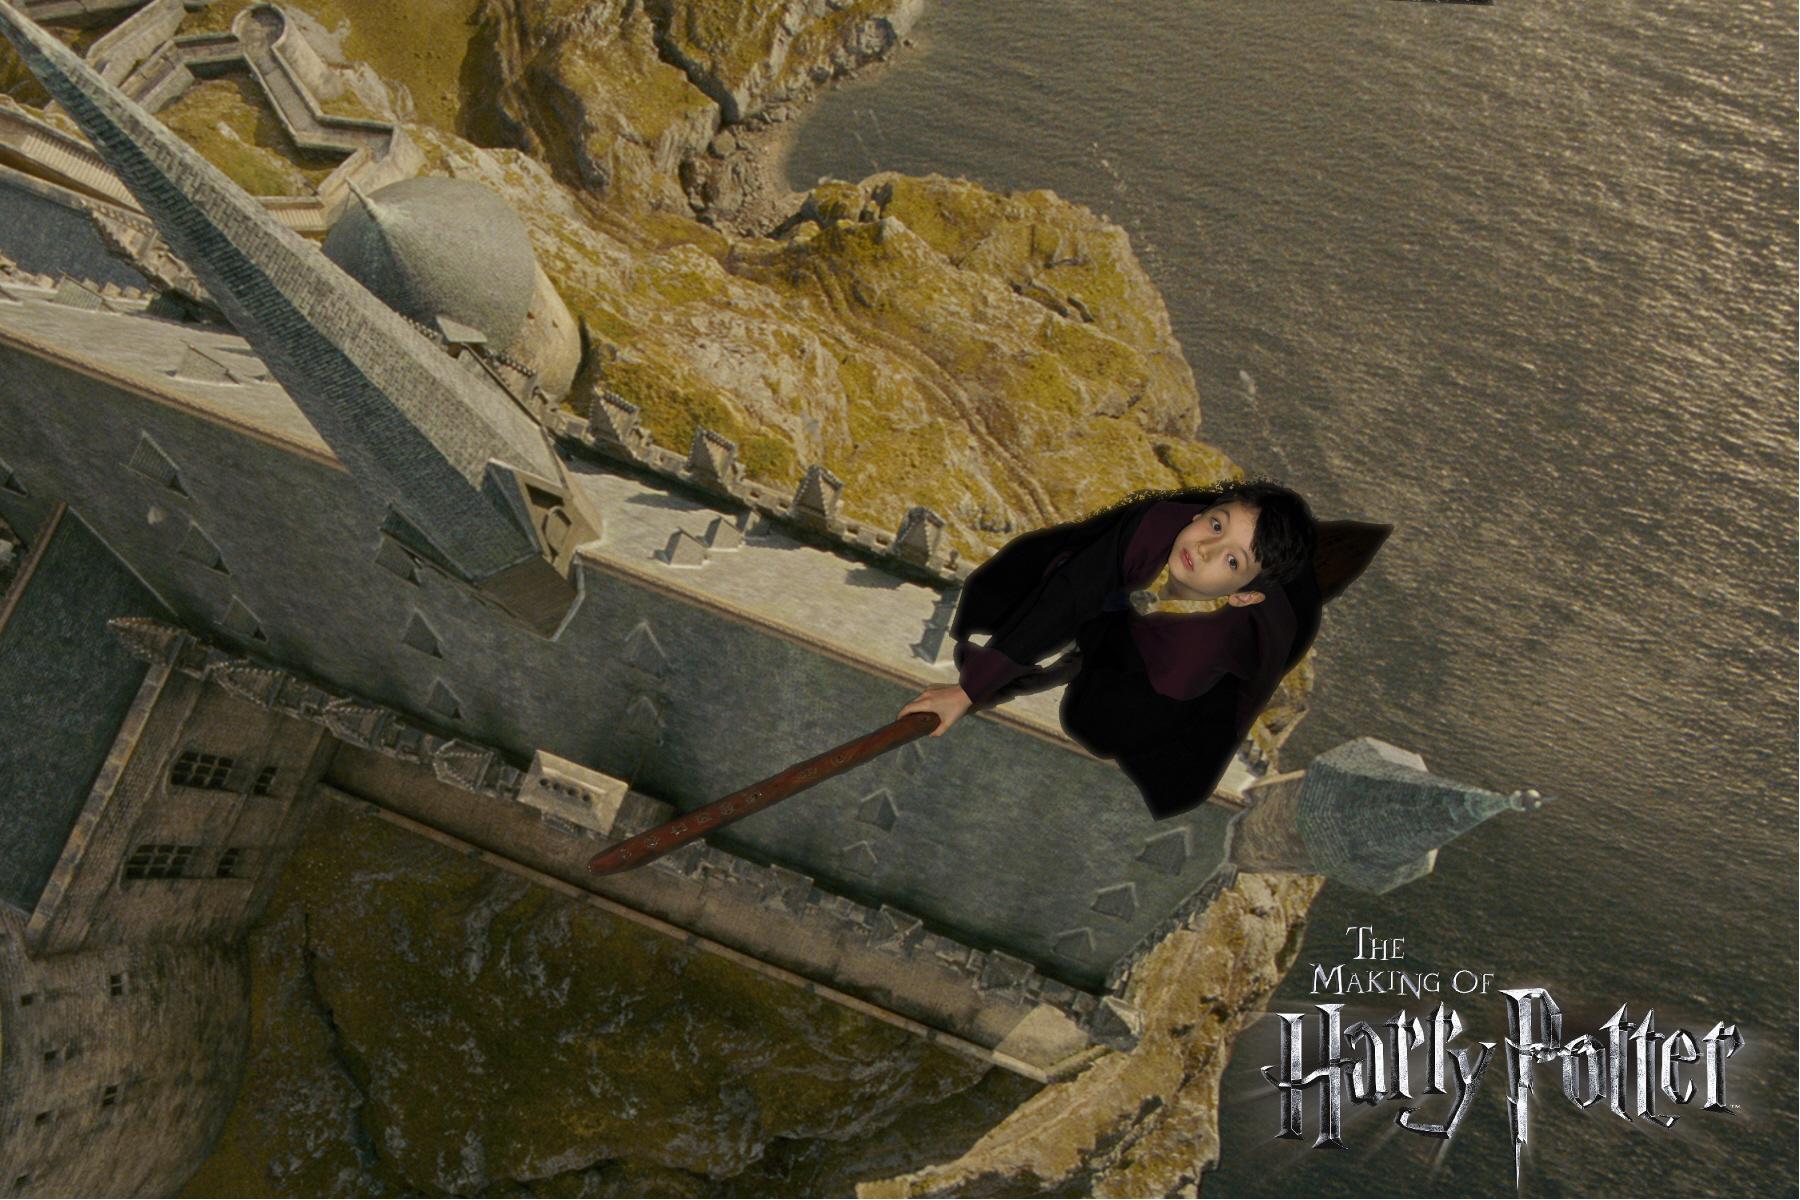 Harry Potter Studio Tour Review-London